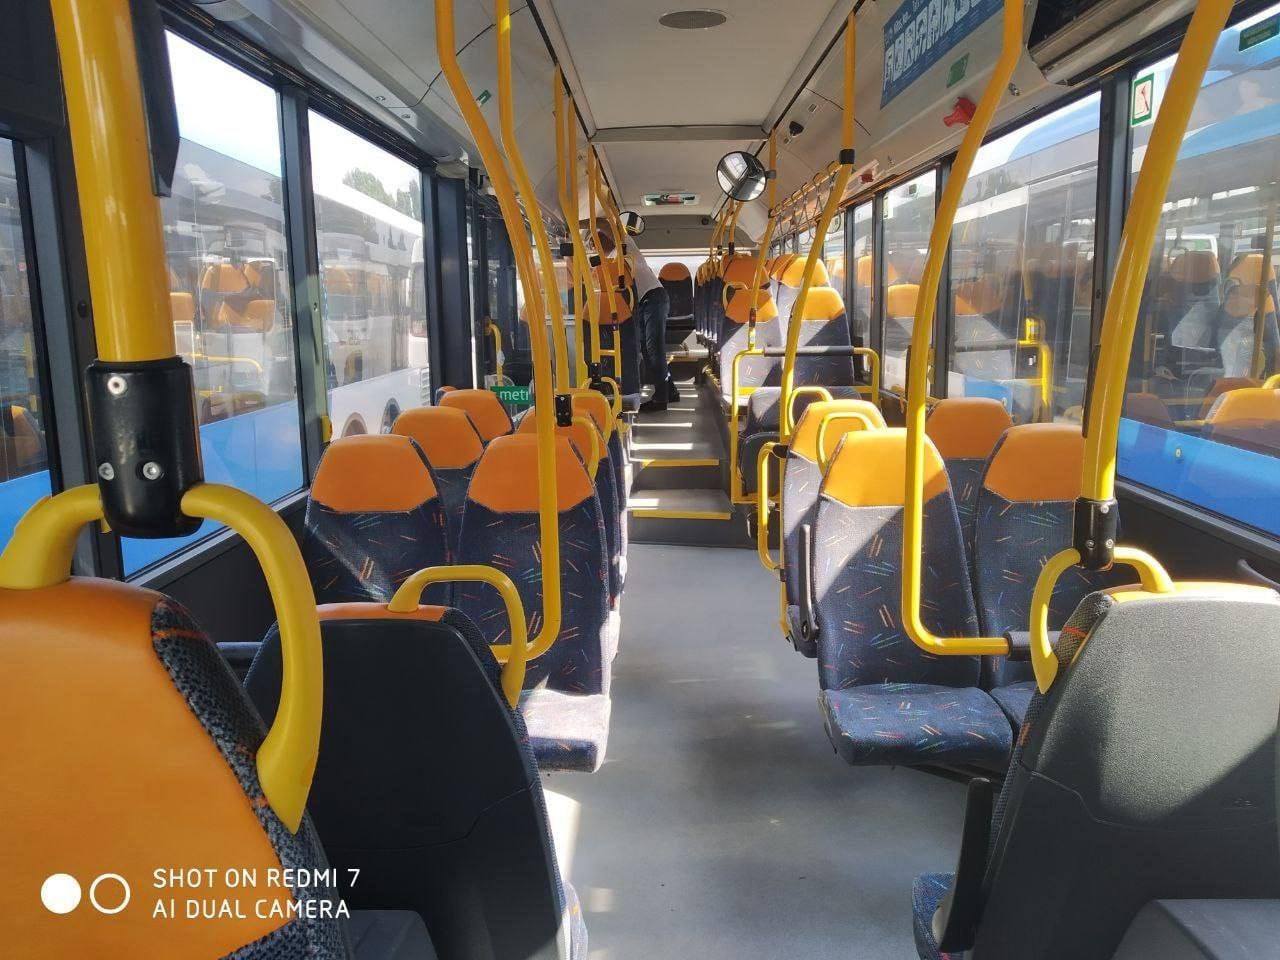 В Кишинев доставили еще девять автобусов с пробегом из Нидерландов (ФОТО)